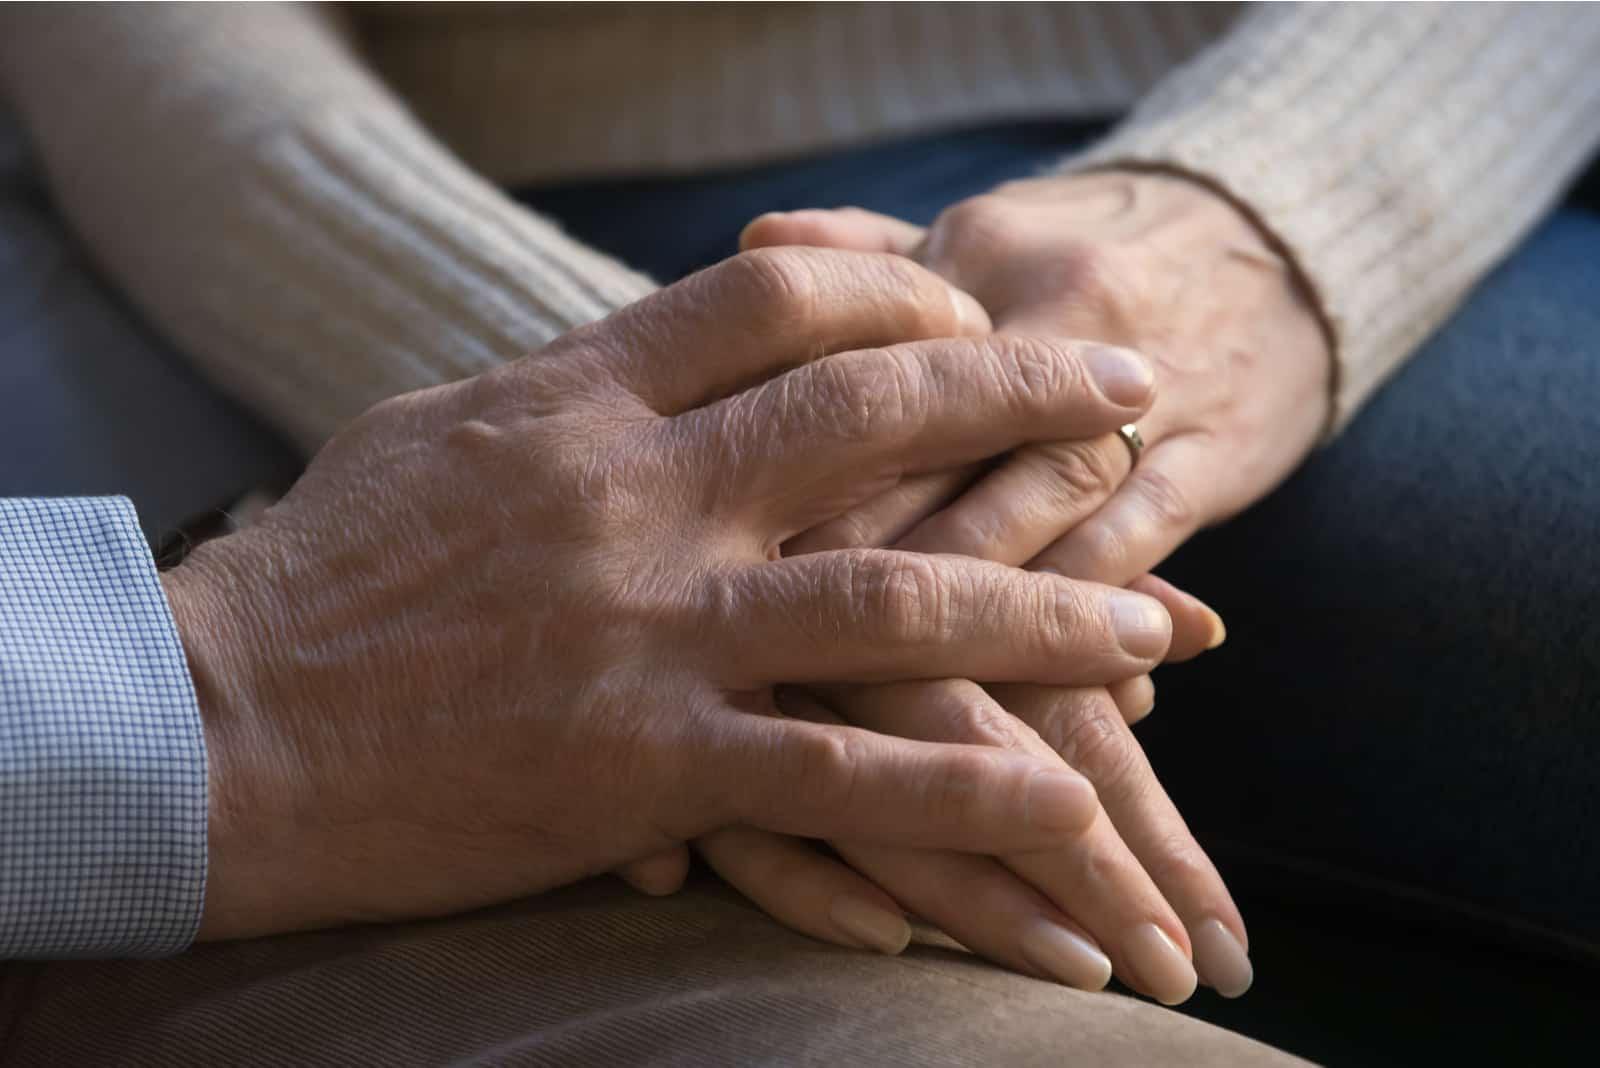 Senior altes Ehepaar Ehemann und Ehefrau Händchen haltend